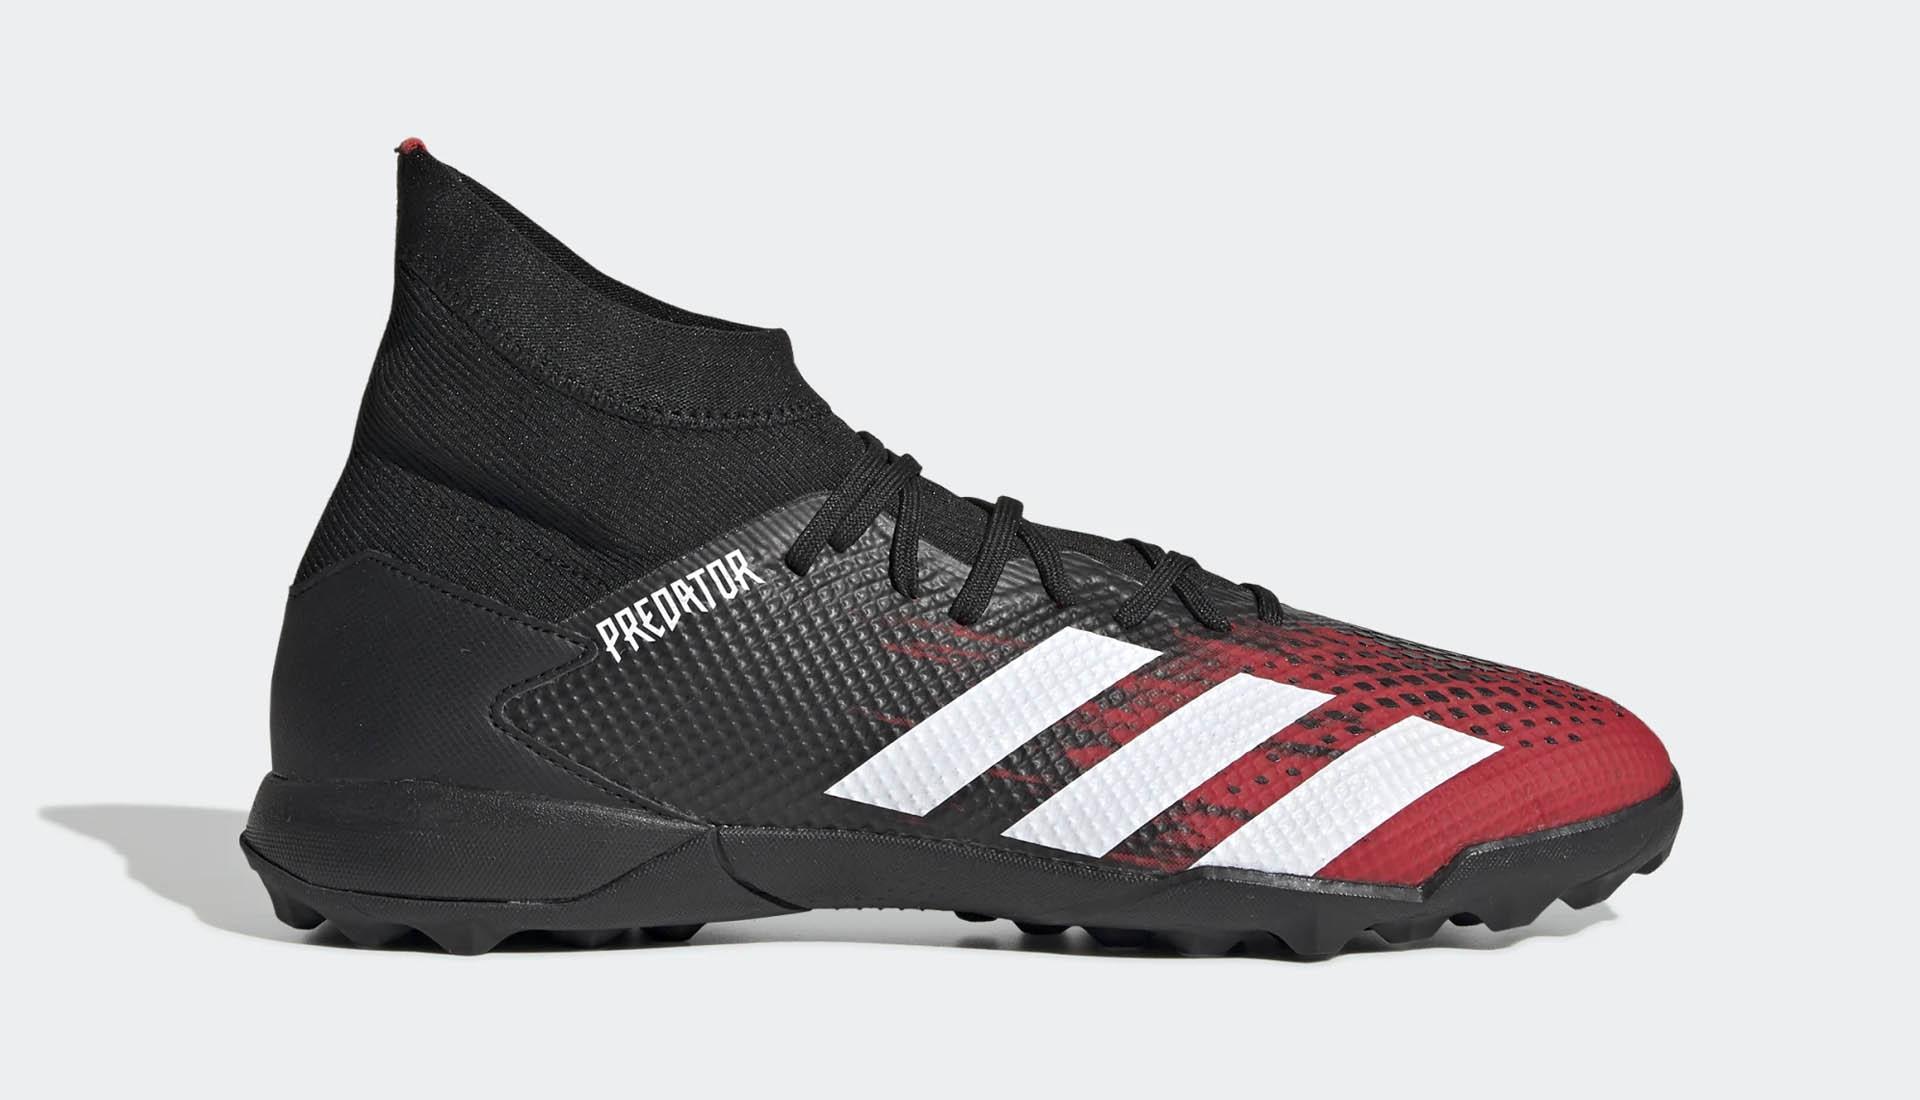 Giày Adidas Predator 20.3 TF đen đỏ chính hãng